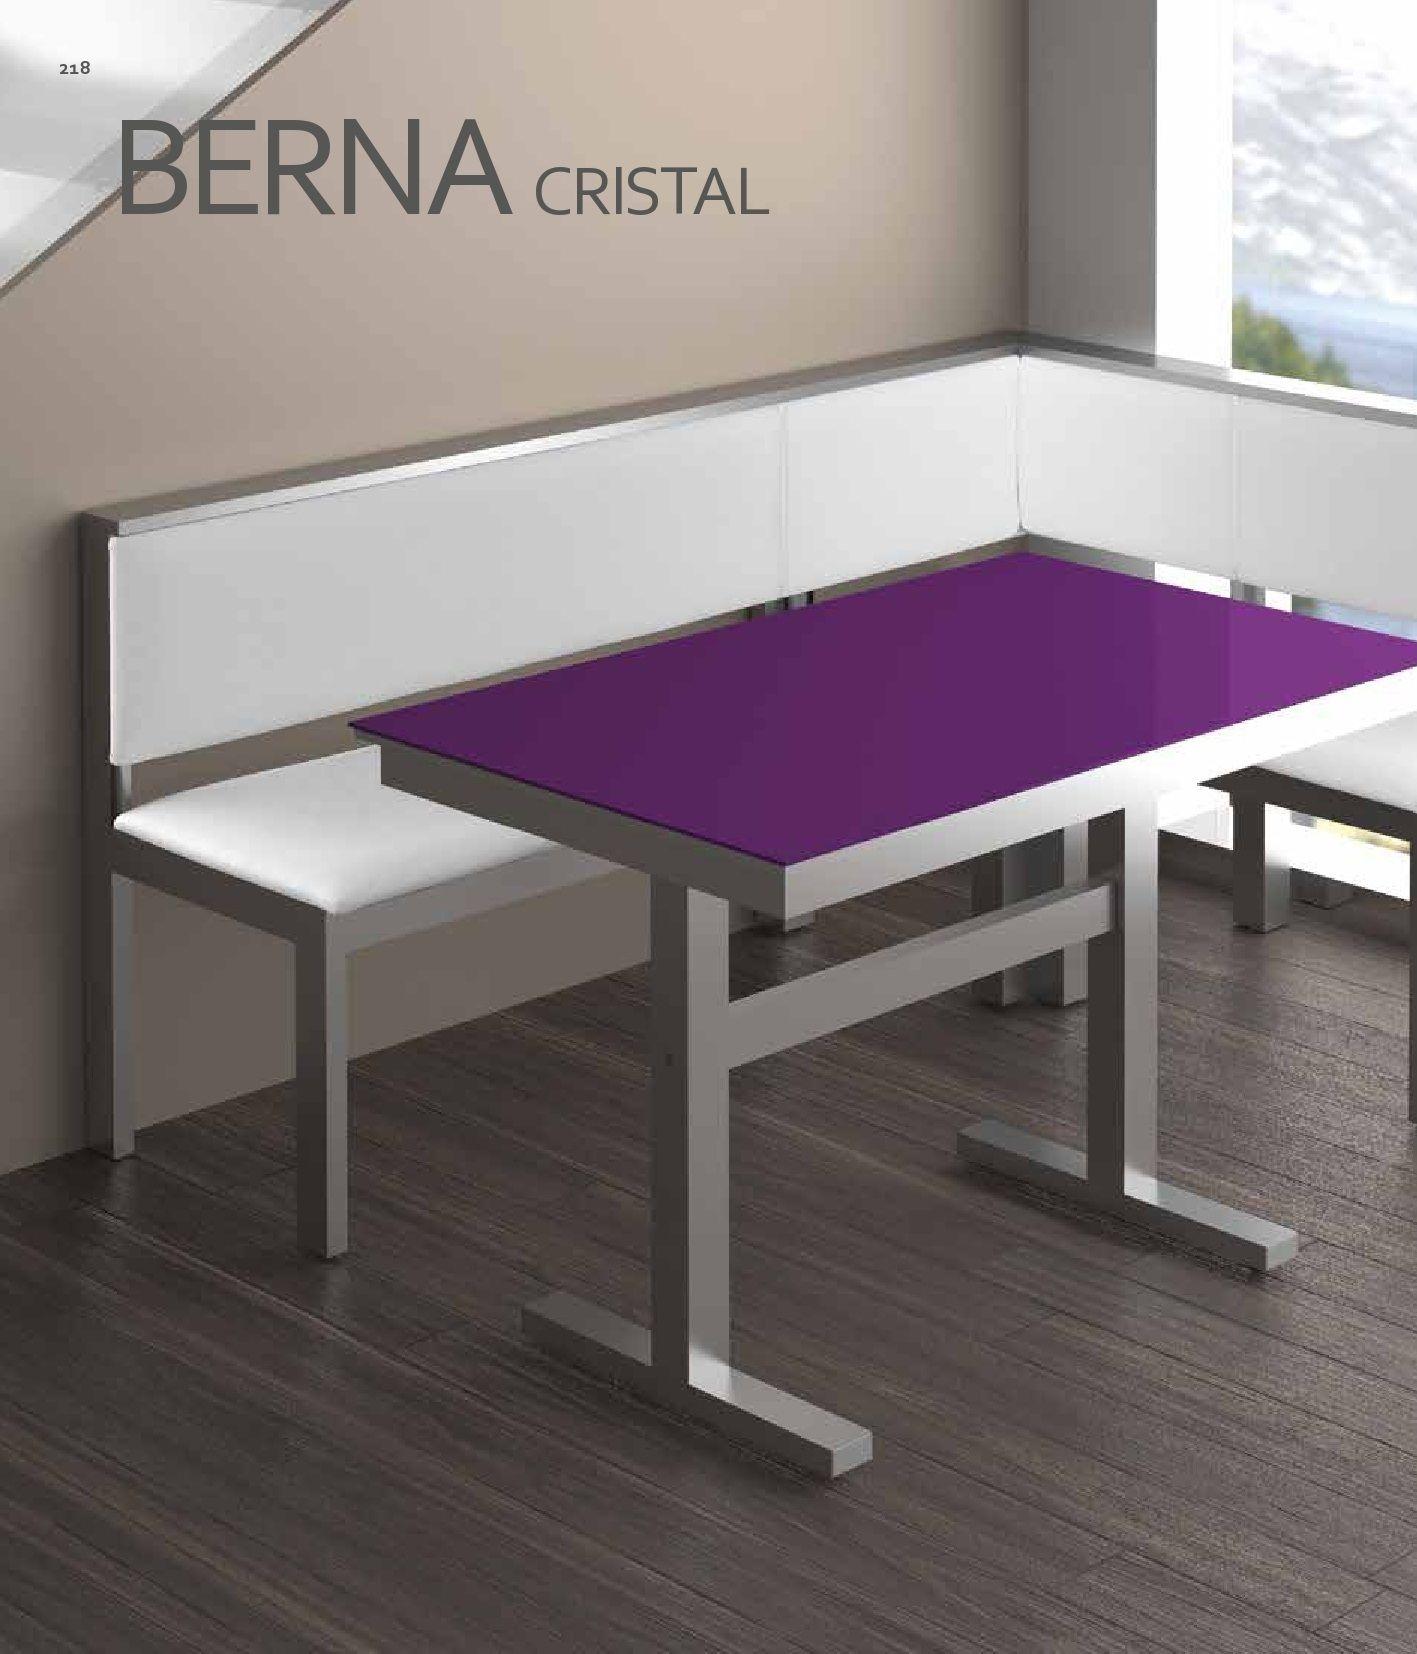 Pin de Carolina García en Cocinas balandro | Furniture, Table y ...